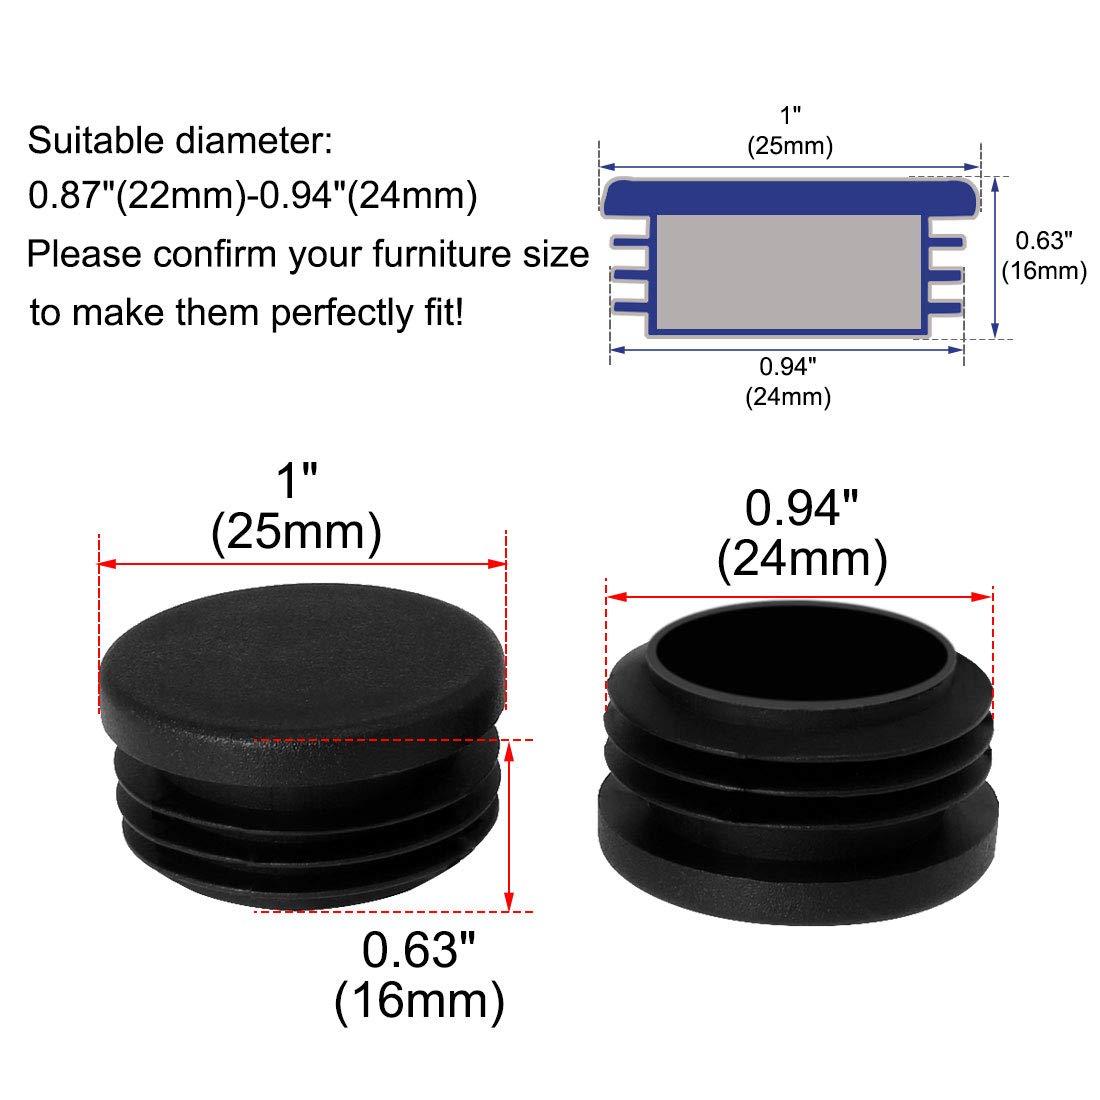 sourcing map Tap/ón De Pl/ástico Redondo Protector De Patas De Muebles Mesas Sillas De 25mm 1 Di/ámetro Exterior X 0.87-0.94 De Di/ámetro Exterior Tap/ón De Mesa